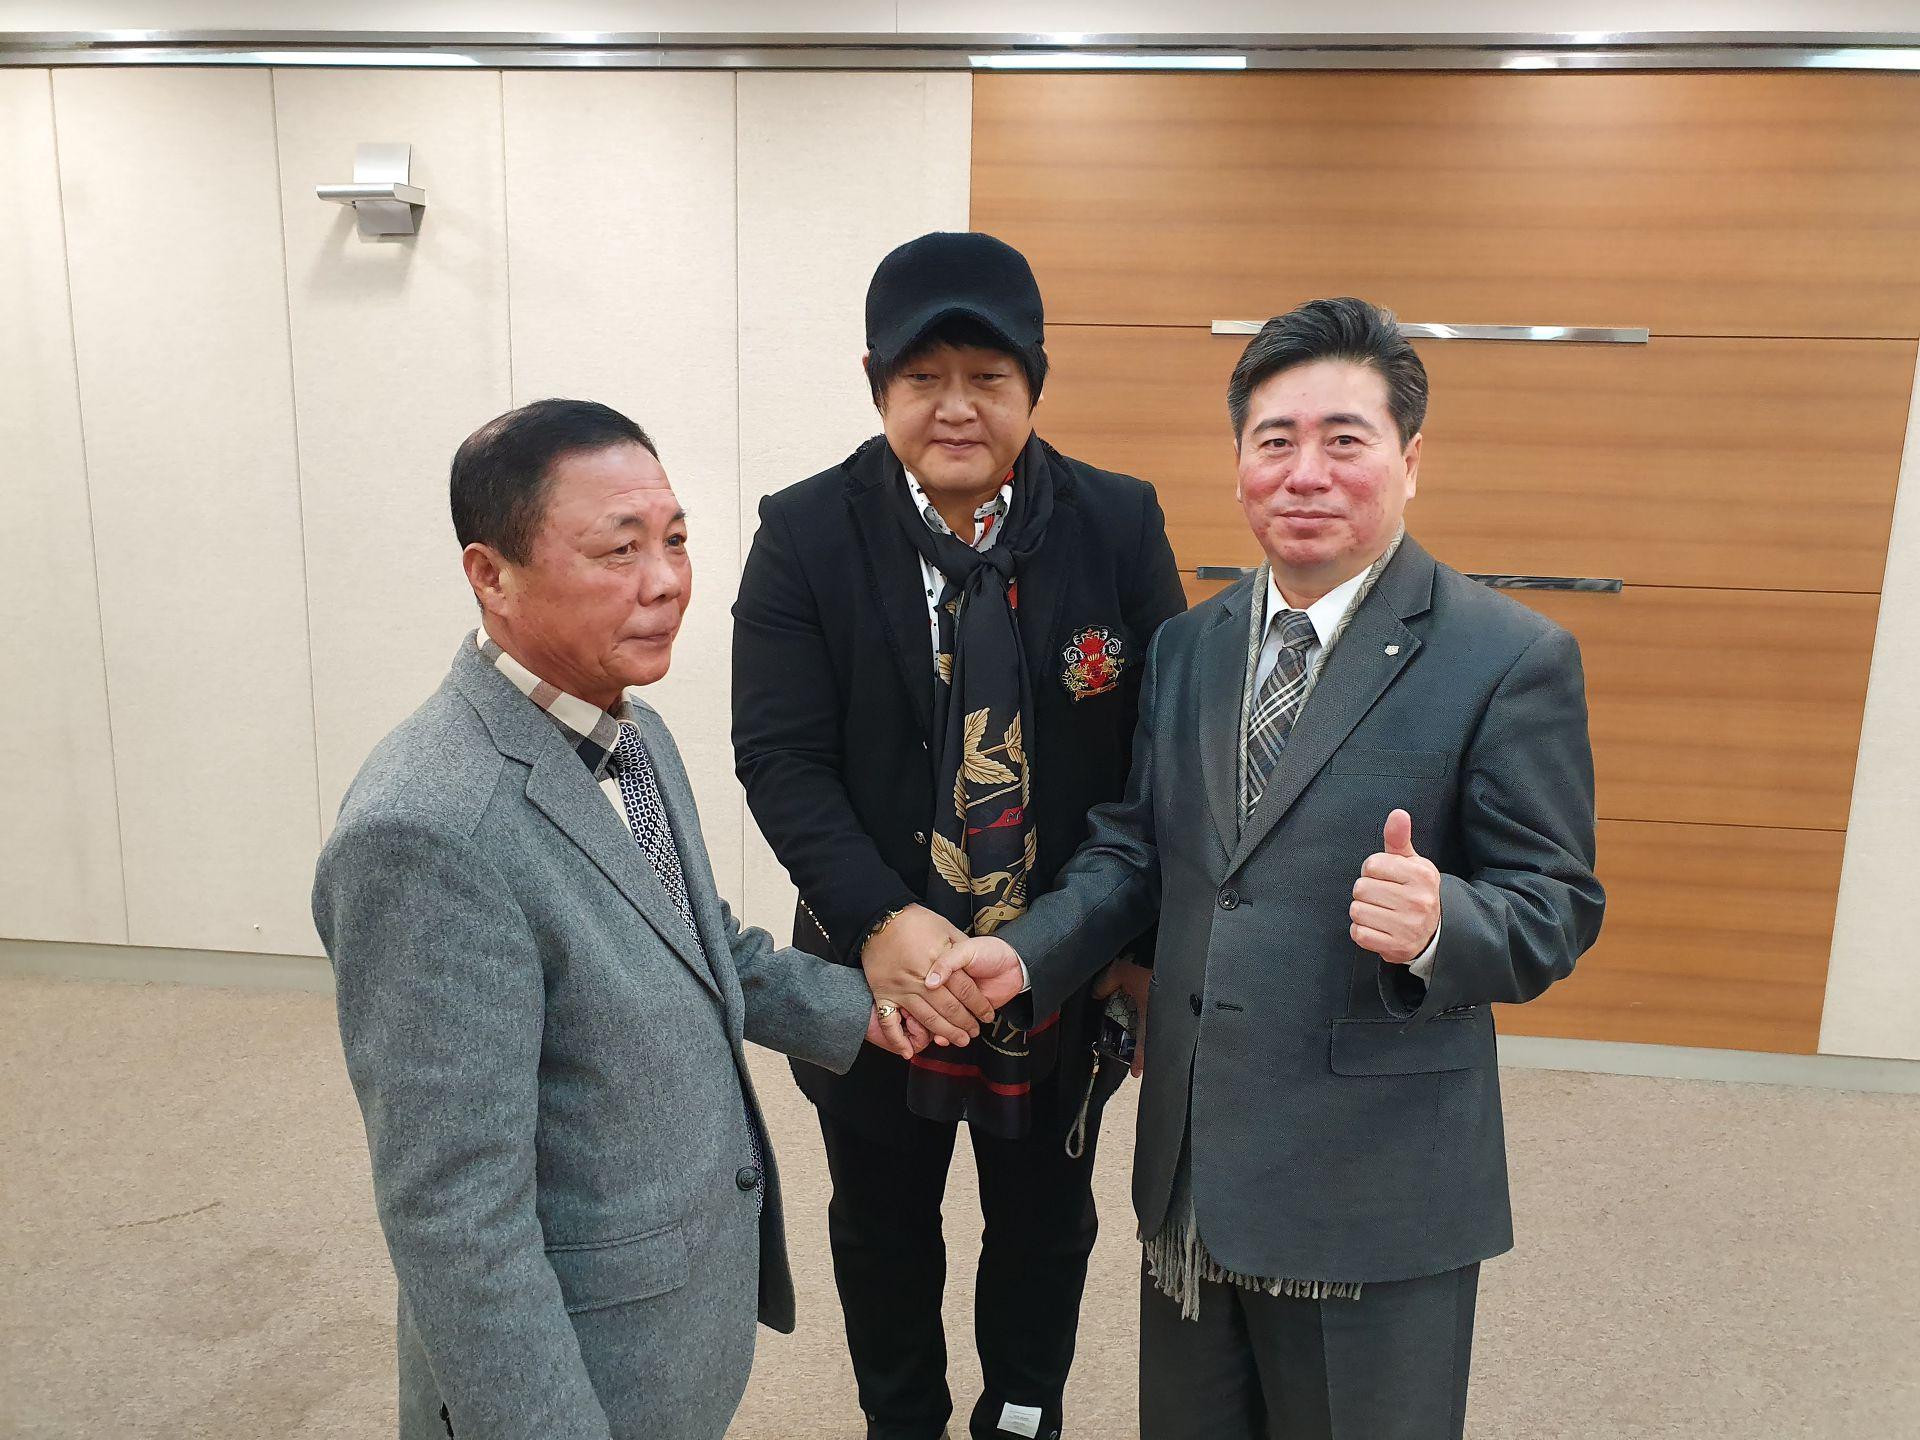 (주)큰틀k, 청도 한국우사회 상가 활성화를 위한 임원 간담회 개최해